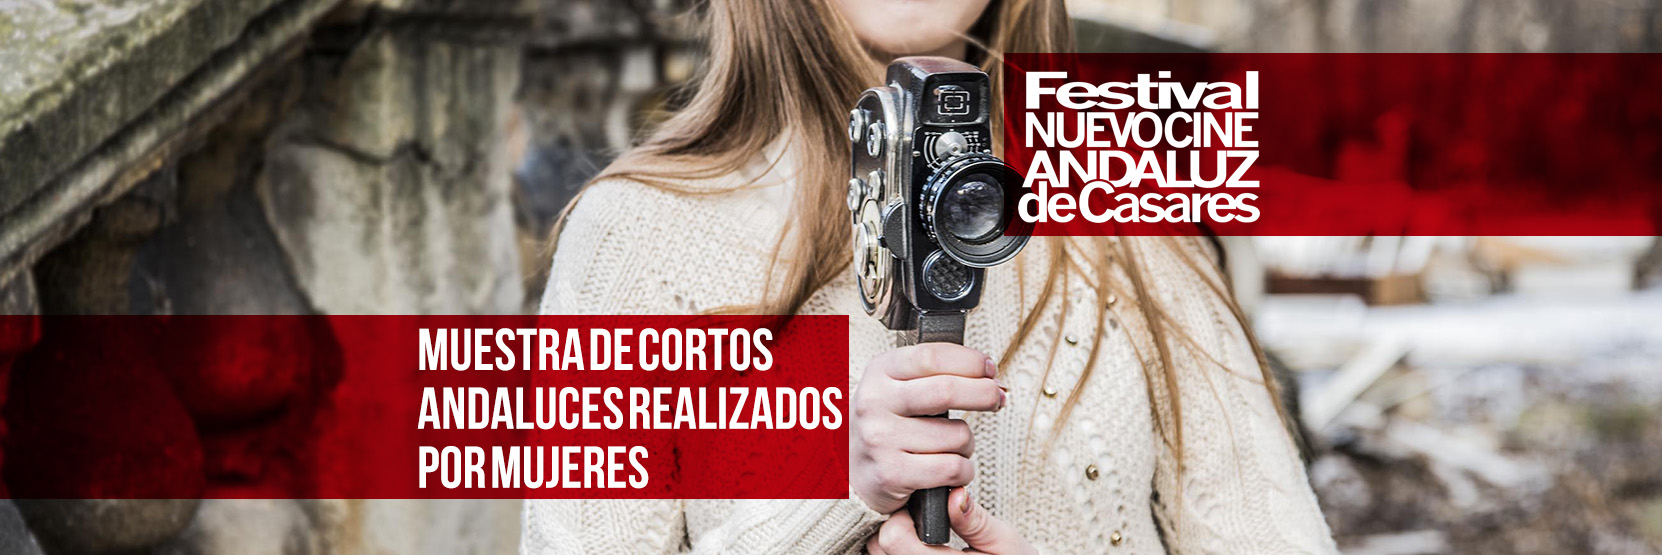 Muestra de cortos andaluces realizados por mujeres - Festival Nuevo Cine Andaluz 2018